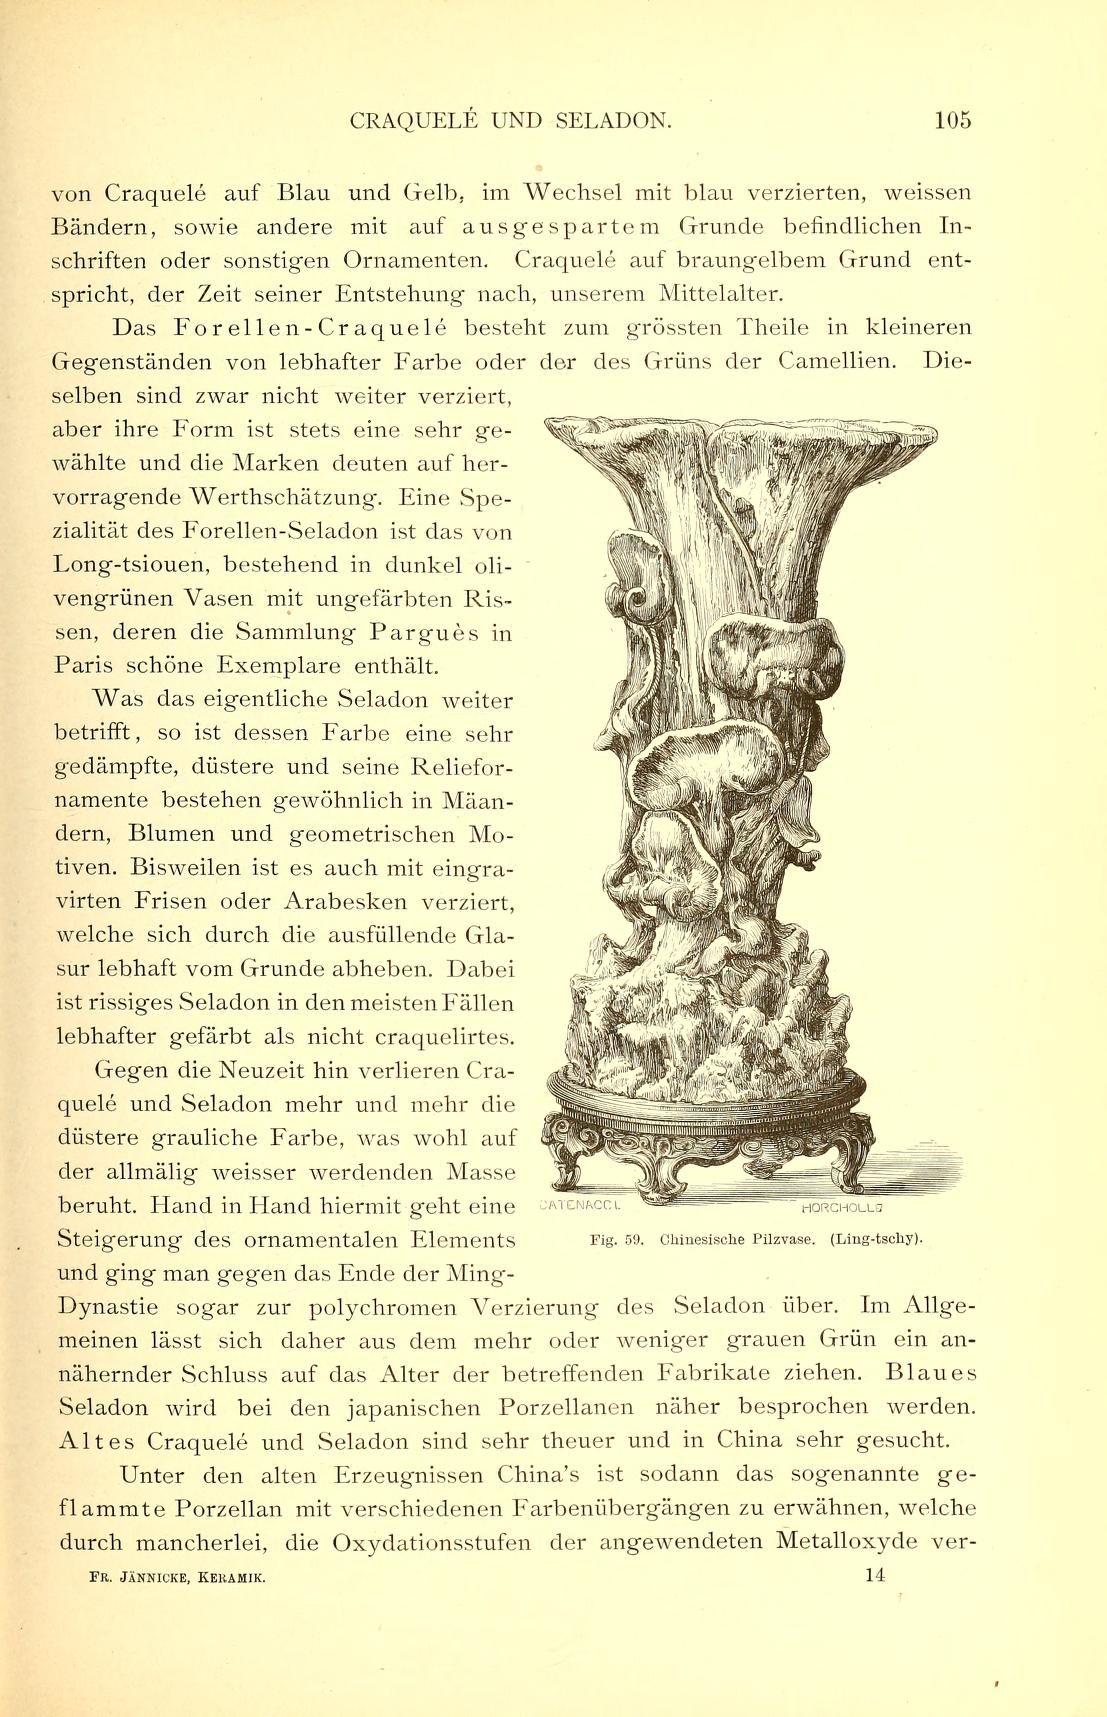 Grundriss der keramik in bezug auf das kunstgew...